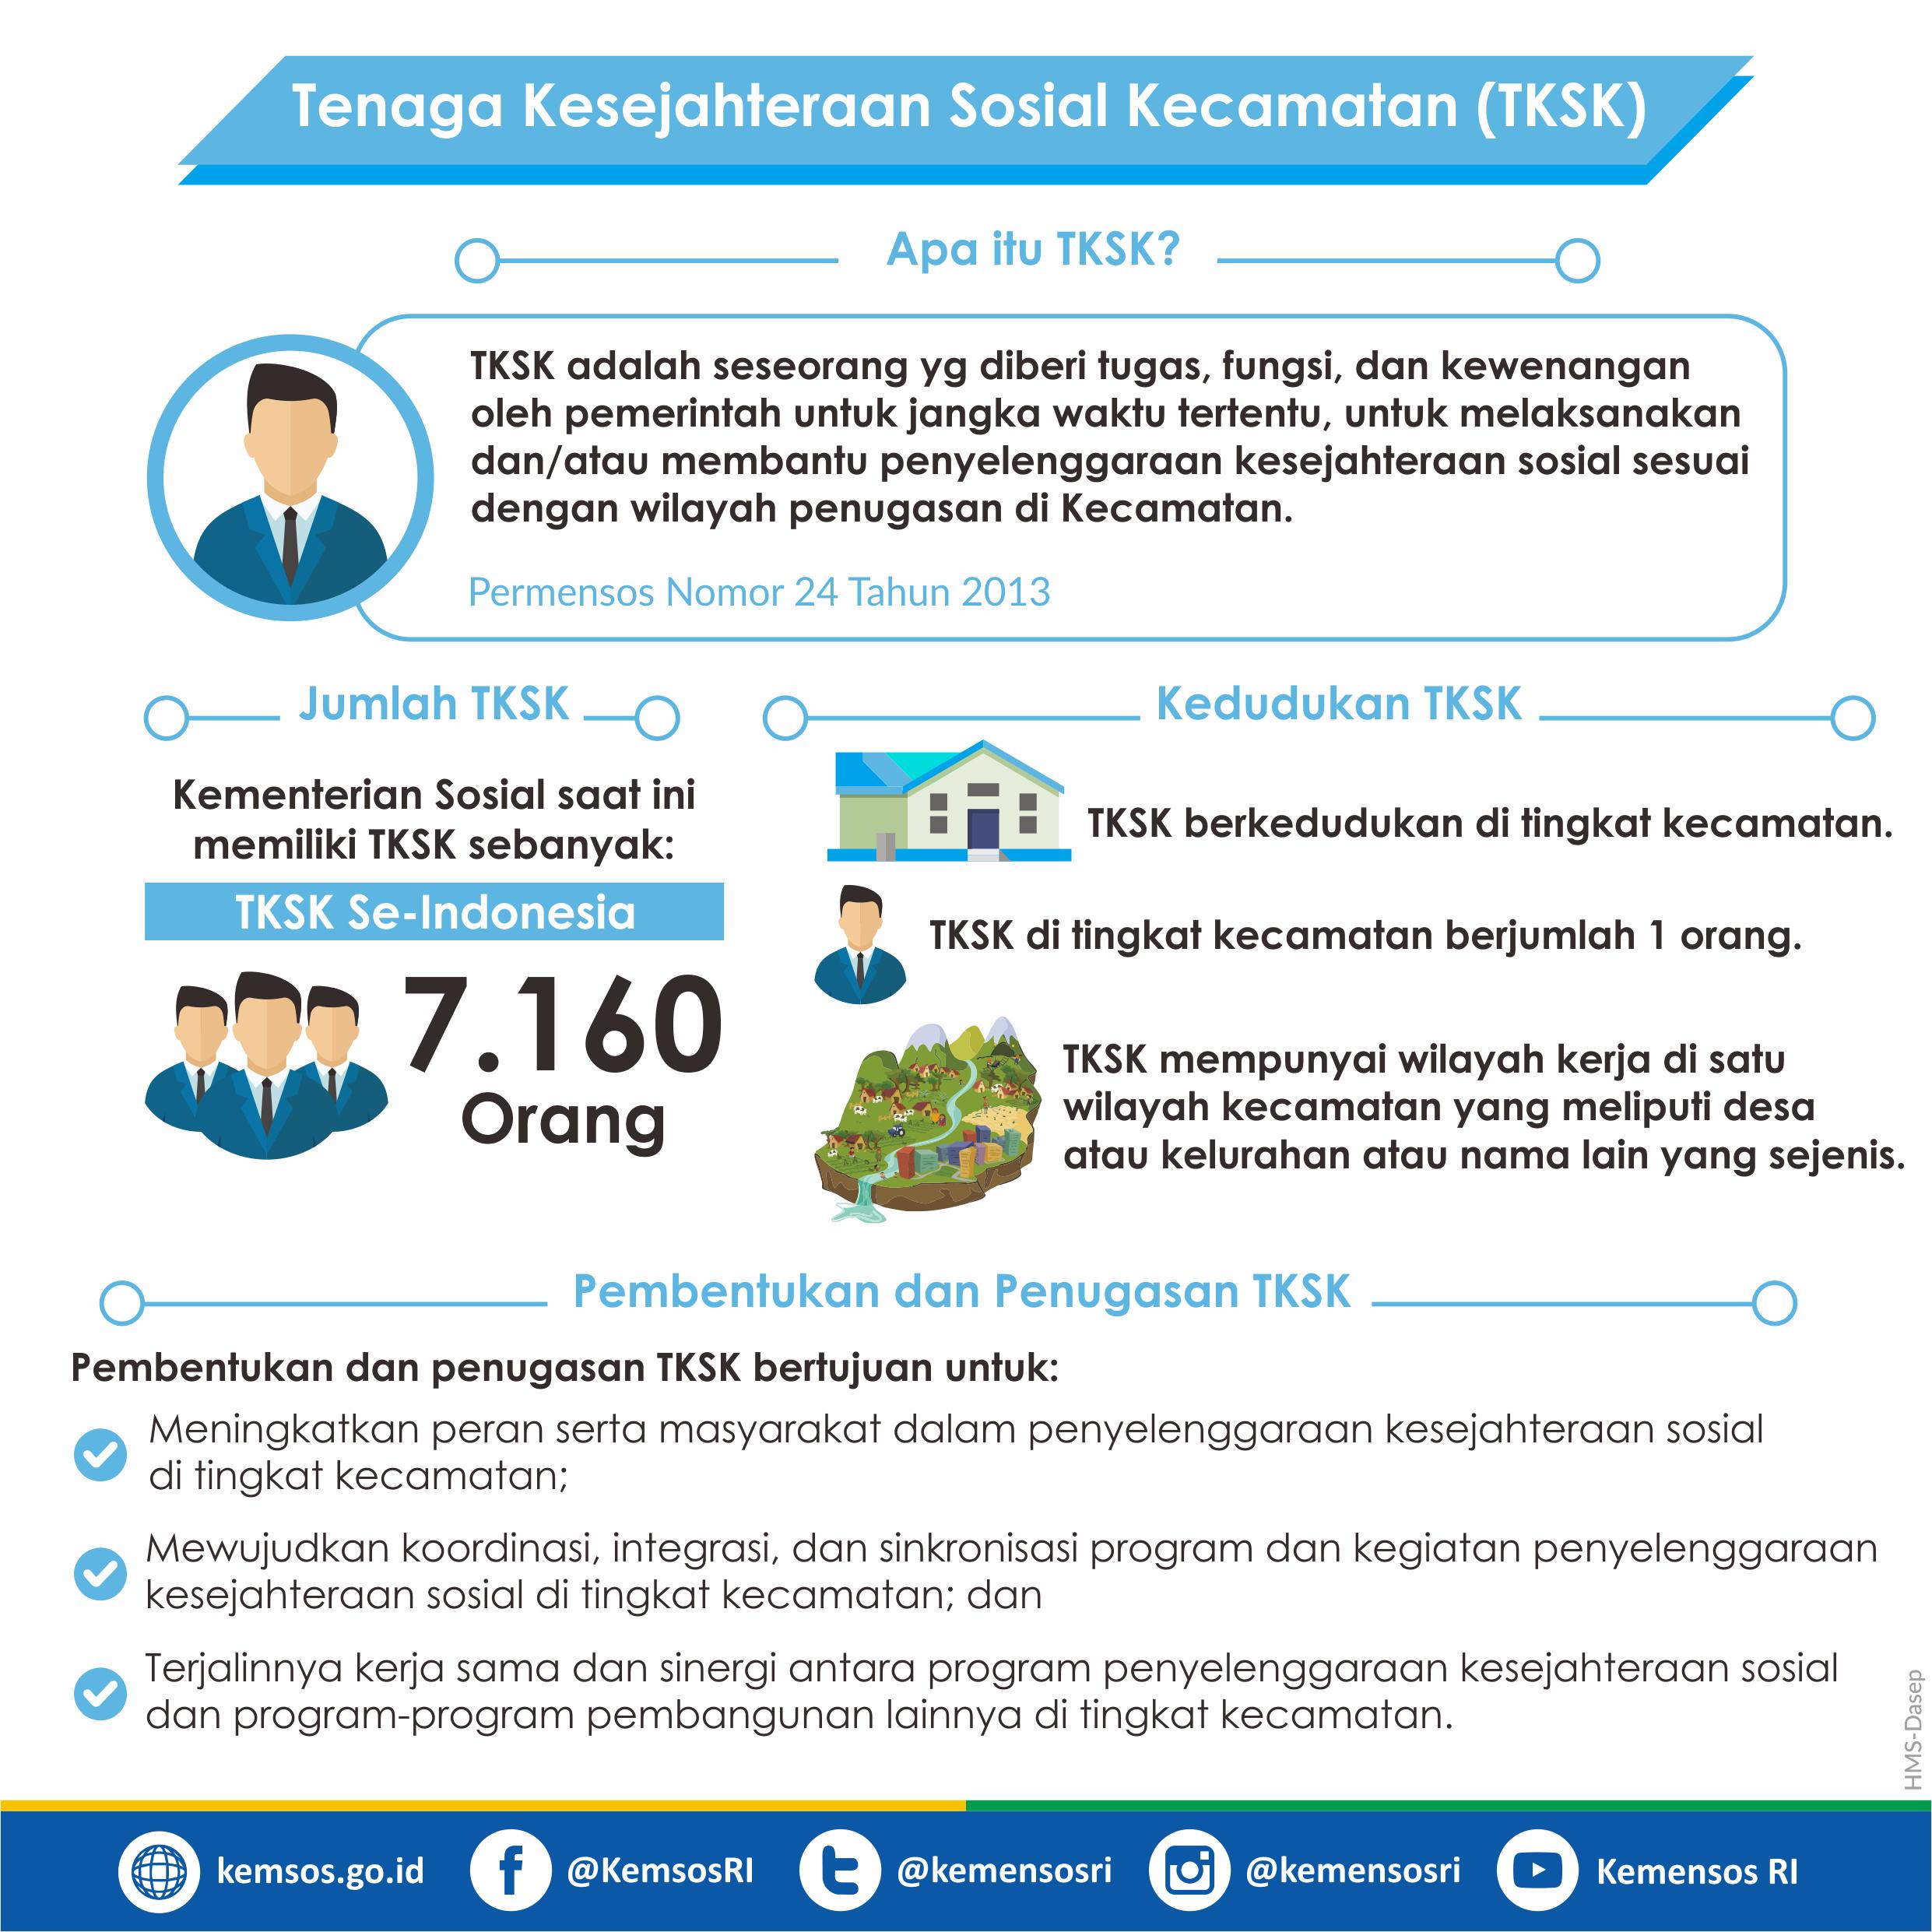 Tenaga Kesejahteraan Sosial Kecamatan (TKSK)